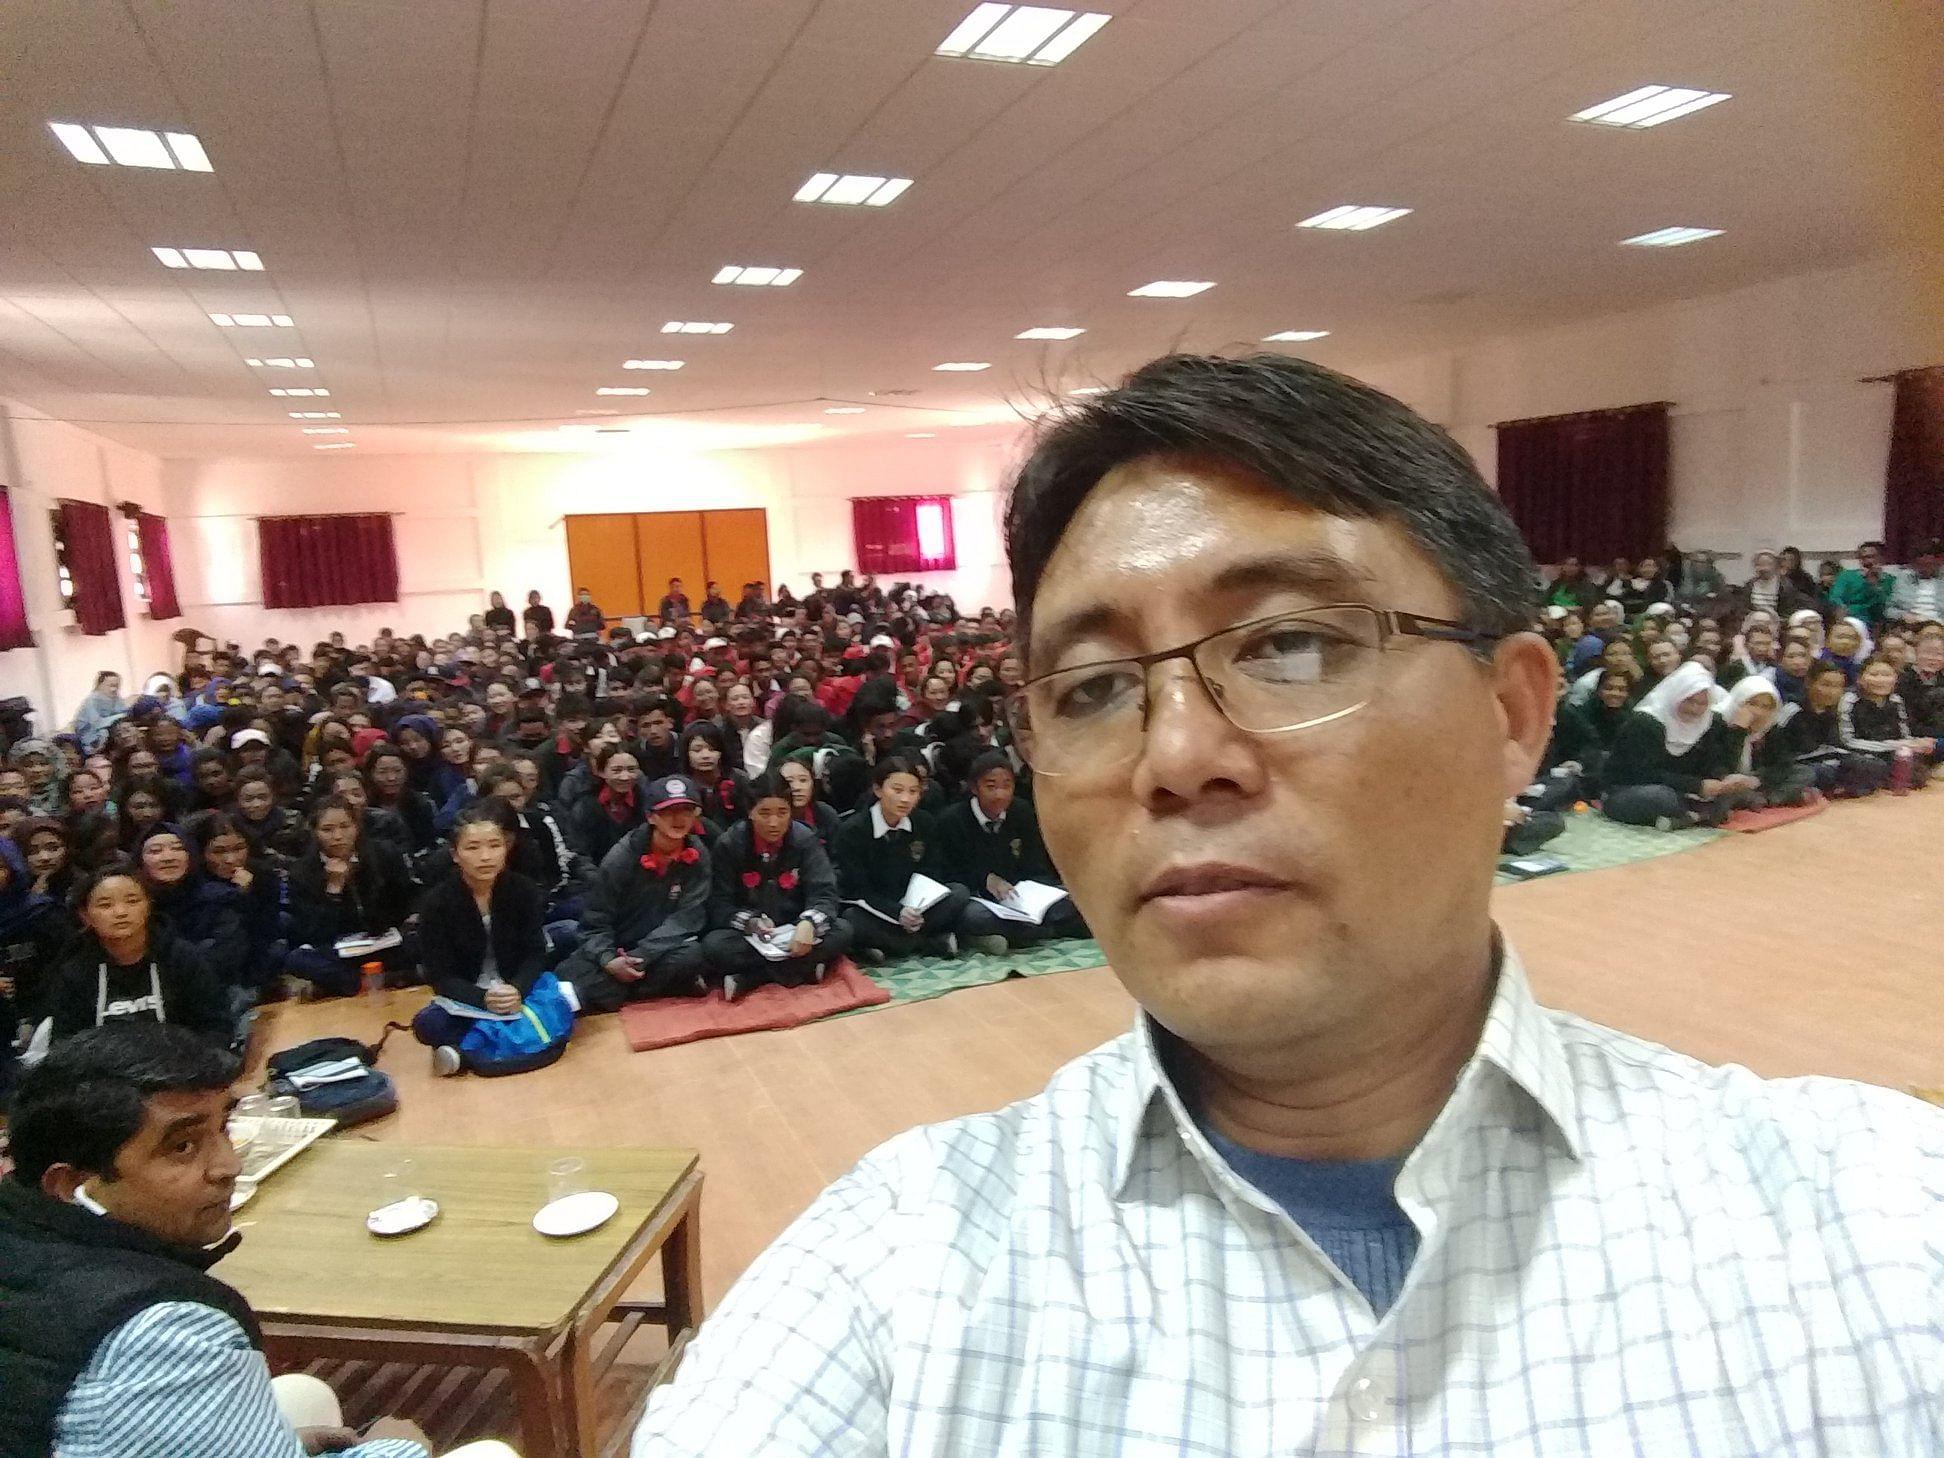 Ladakh's First ISRO Scientist Helps 700+ Village Kids Study!